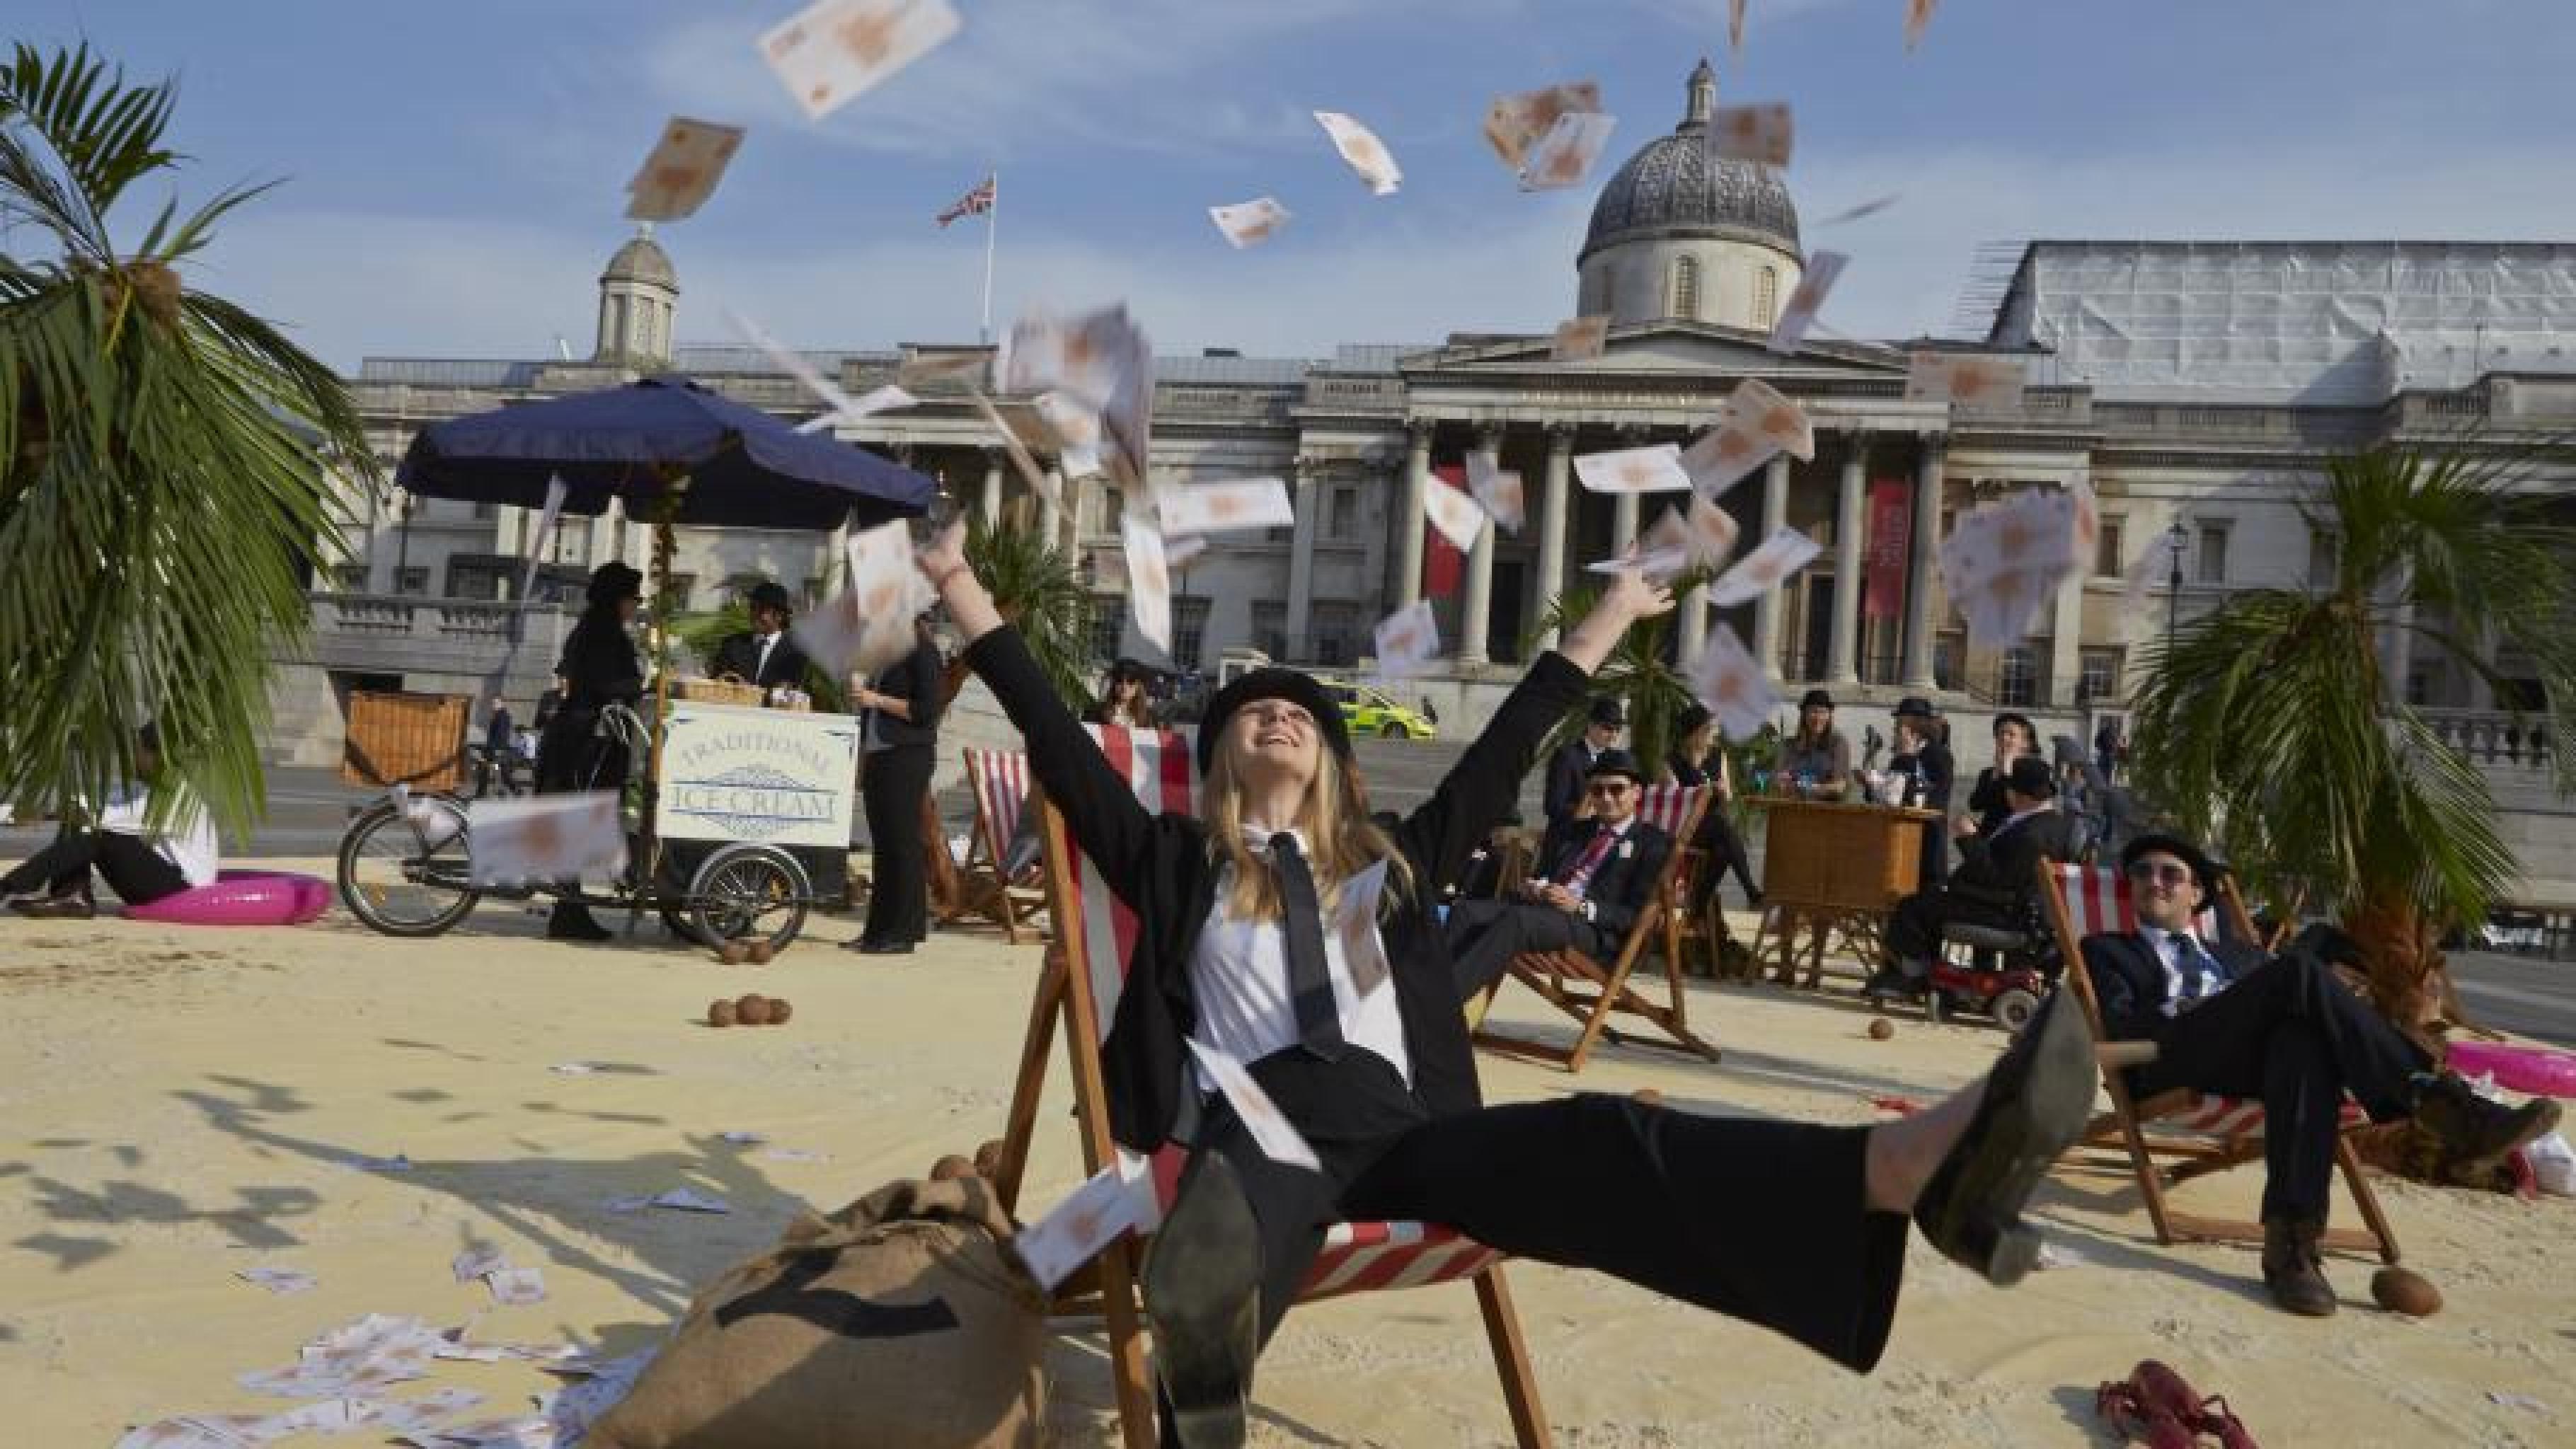 Die großen EU-Banken stehen im Verdacht, Gewinne in Steueroasen zu verschieben.